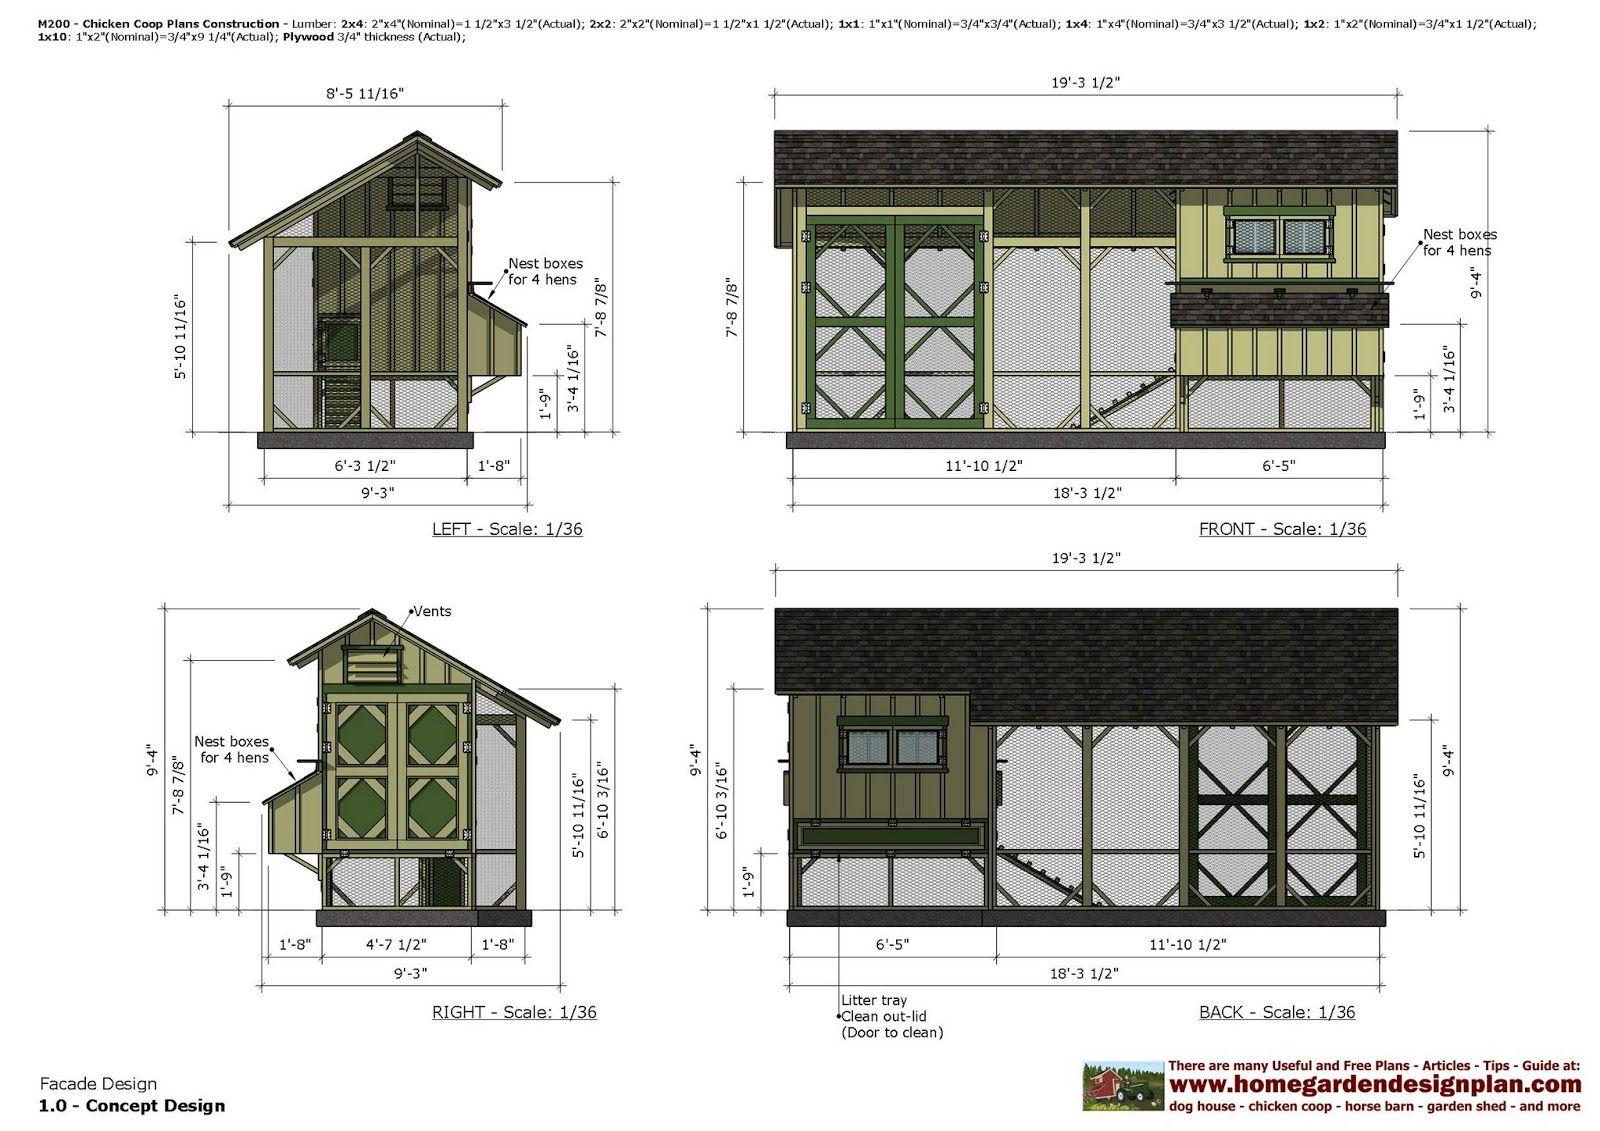 home garden plans: M200 - Chicken Coop Plans - Chicken Coop Design ...